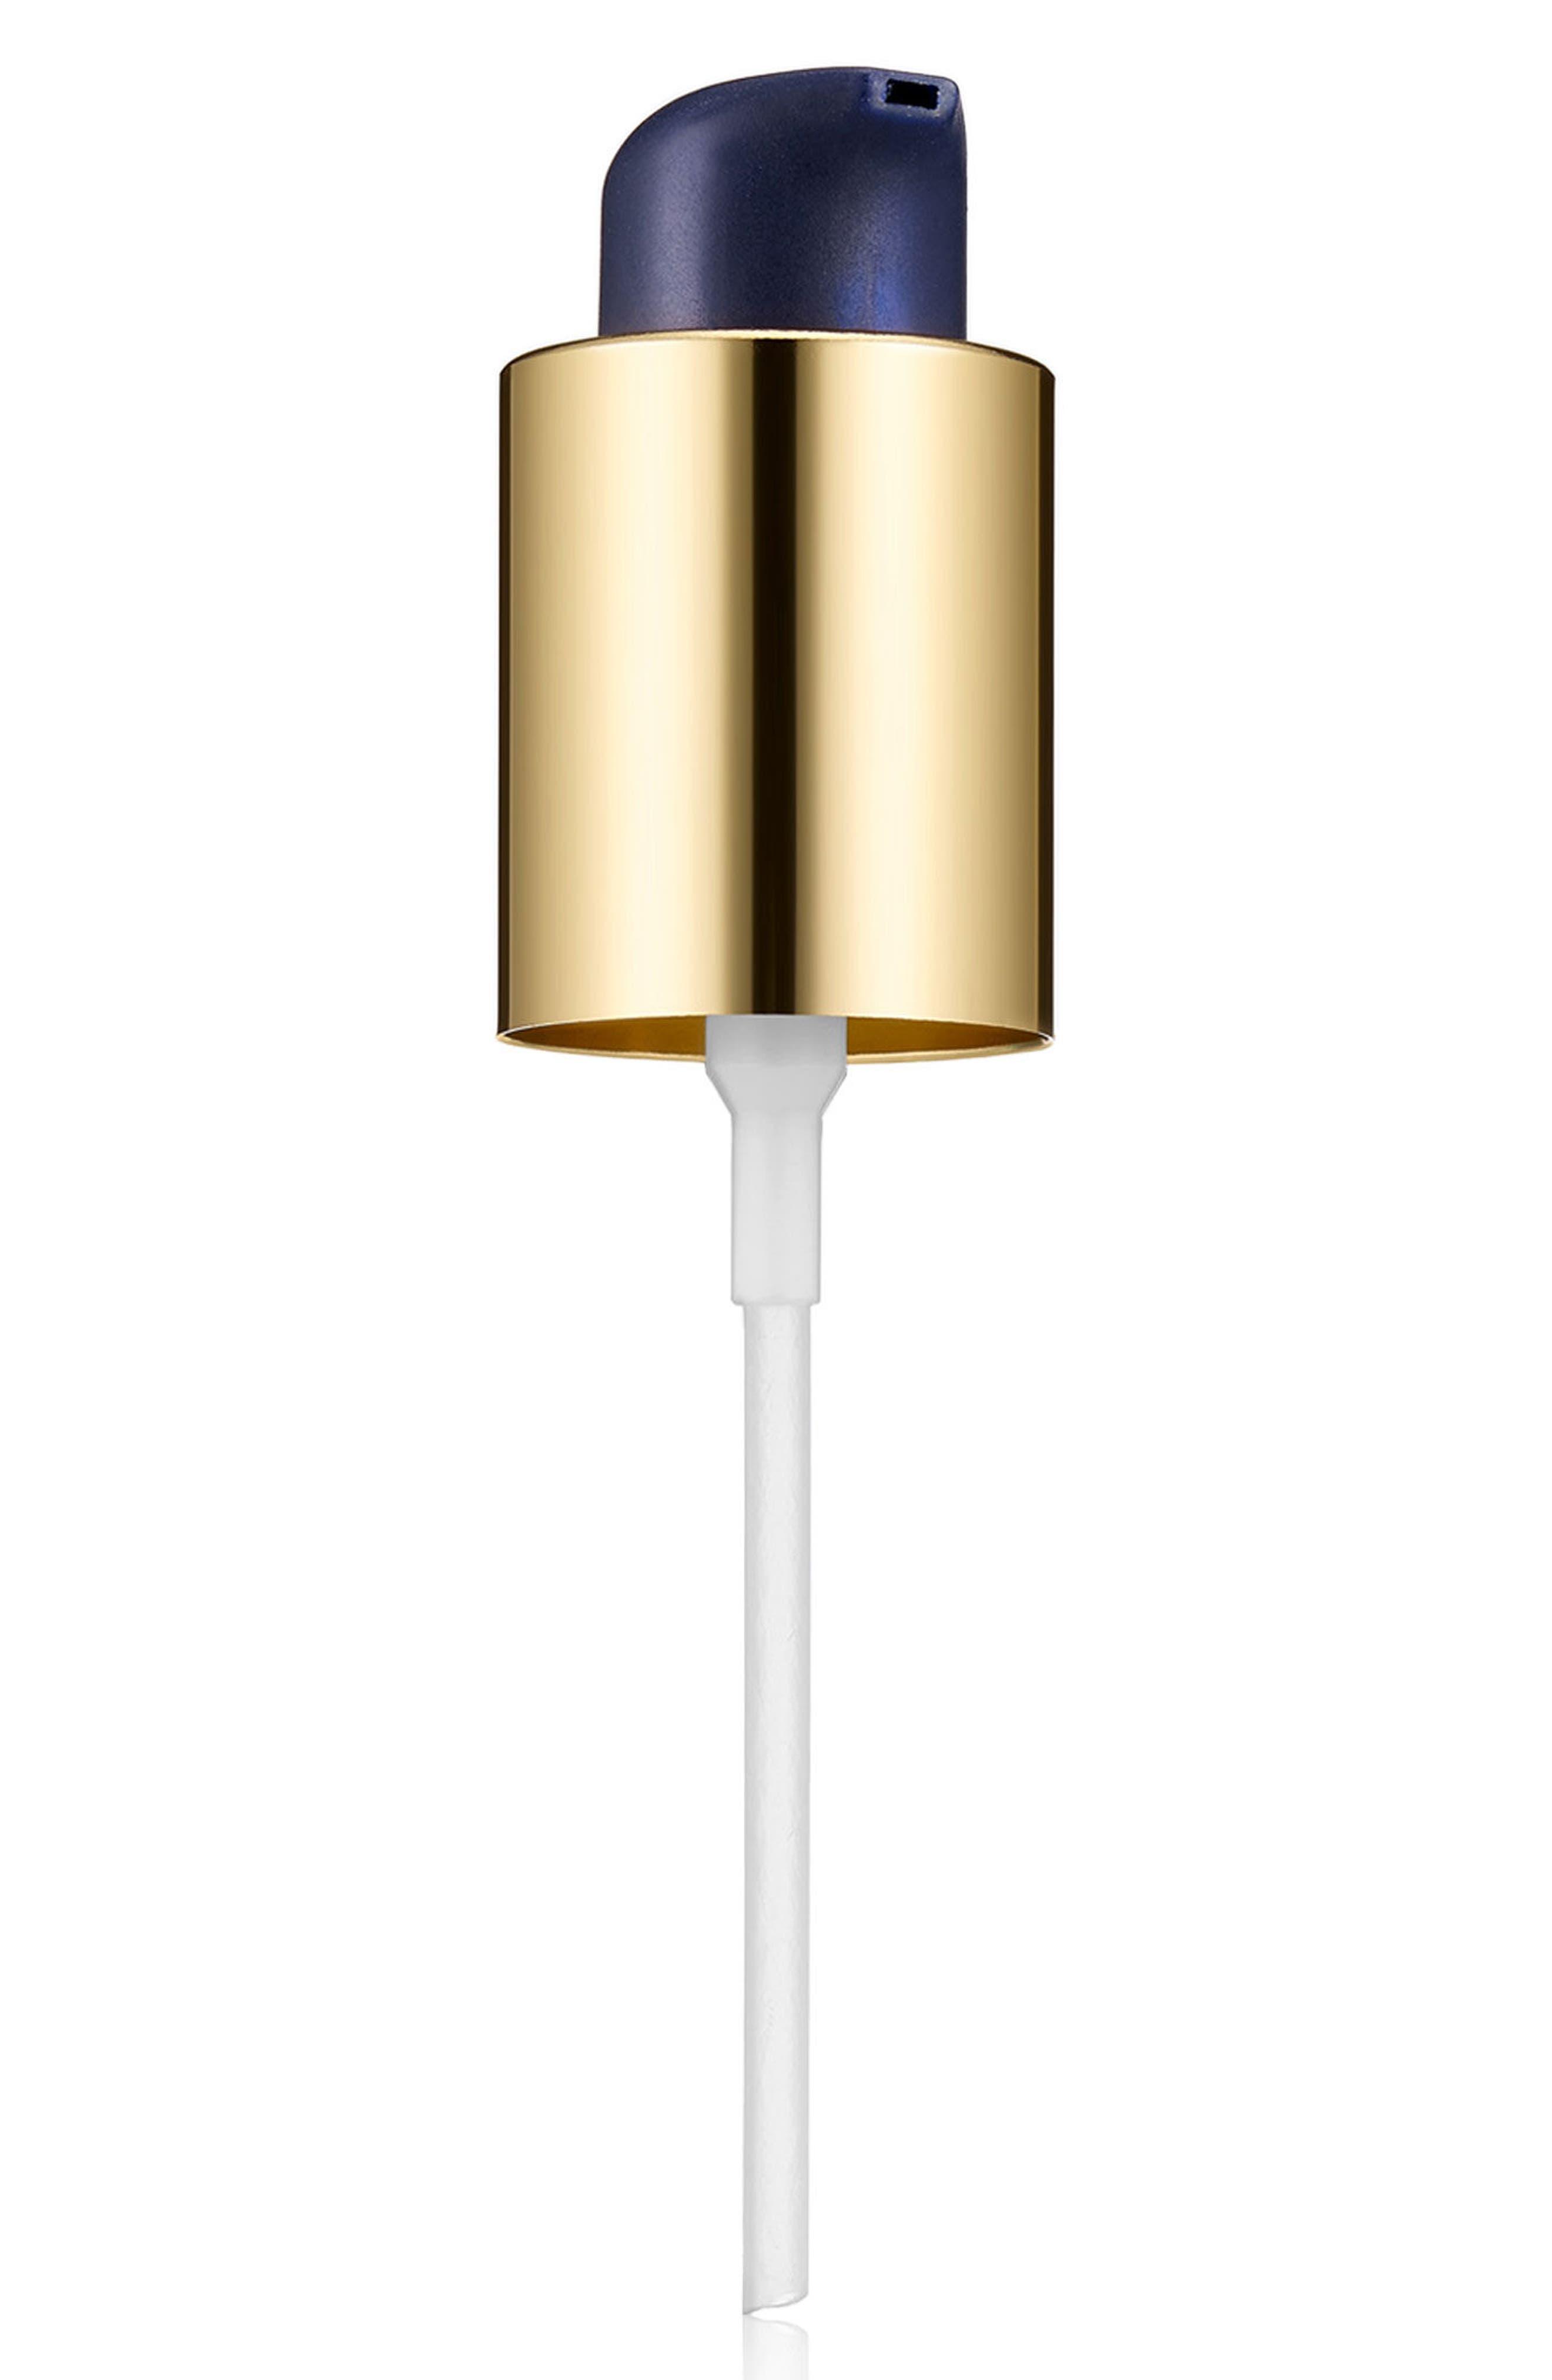 Estée Lauder Double Wear Makeup Pump